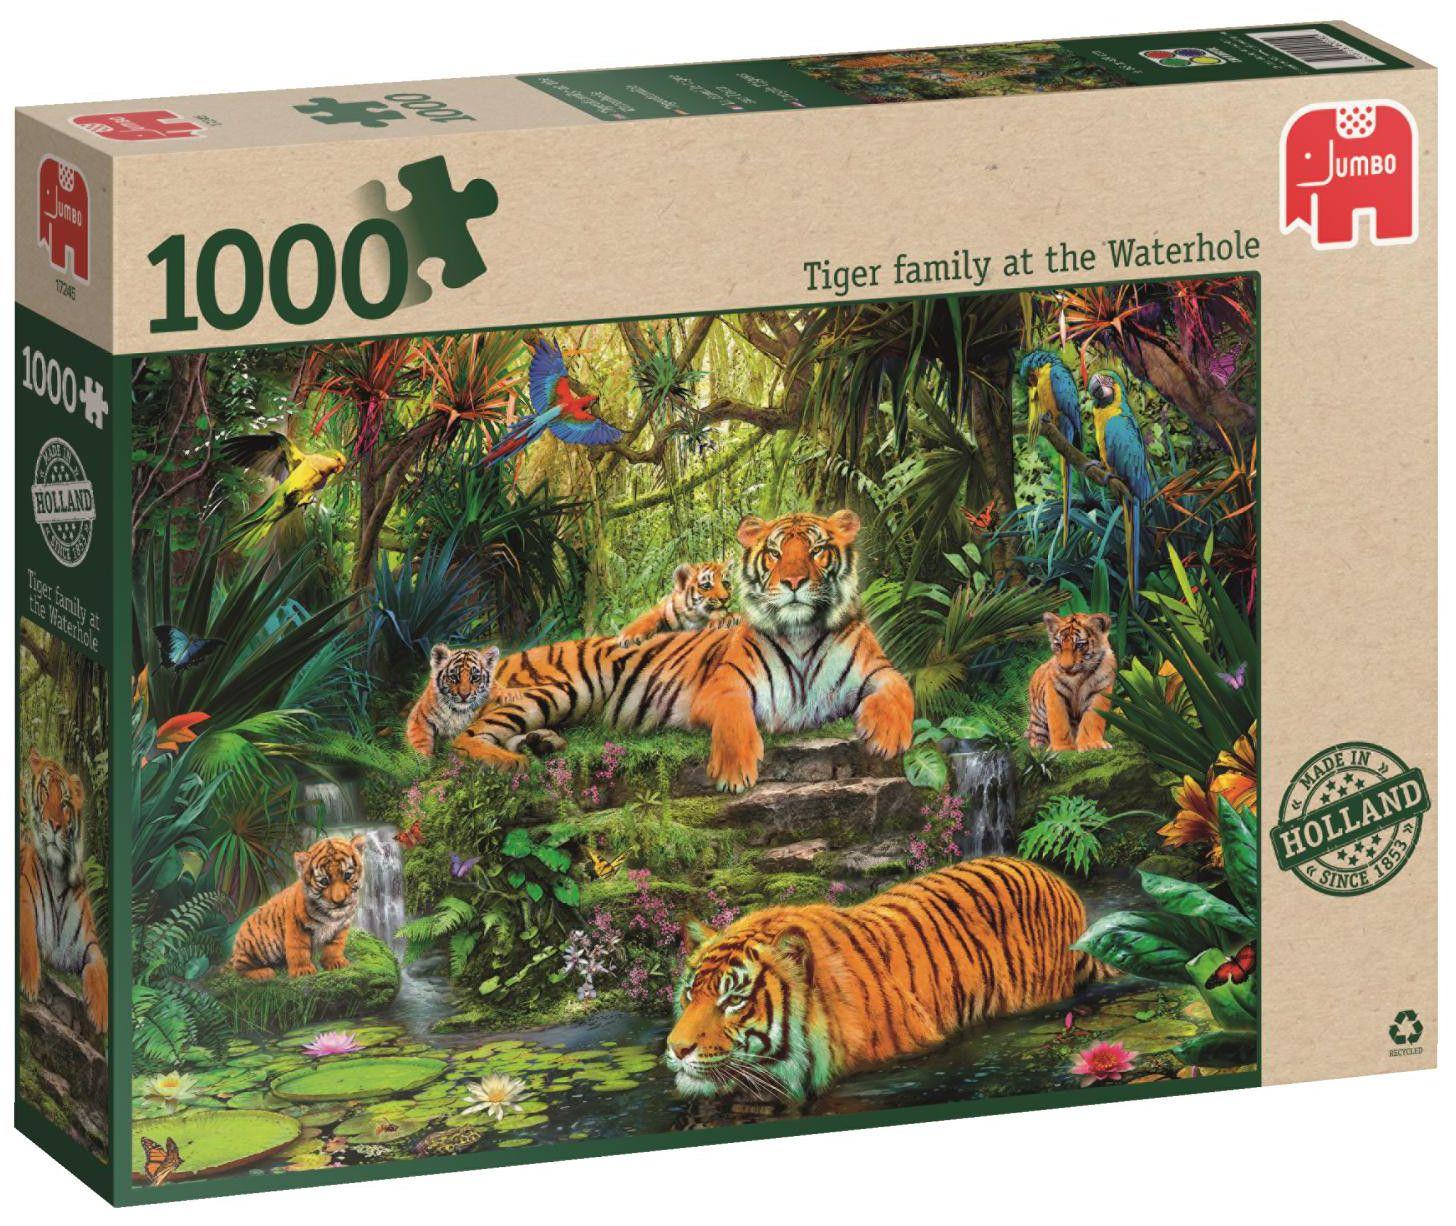 Пъзел Jumbo от 1000 части - Семейство тигри под водопада - 1